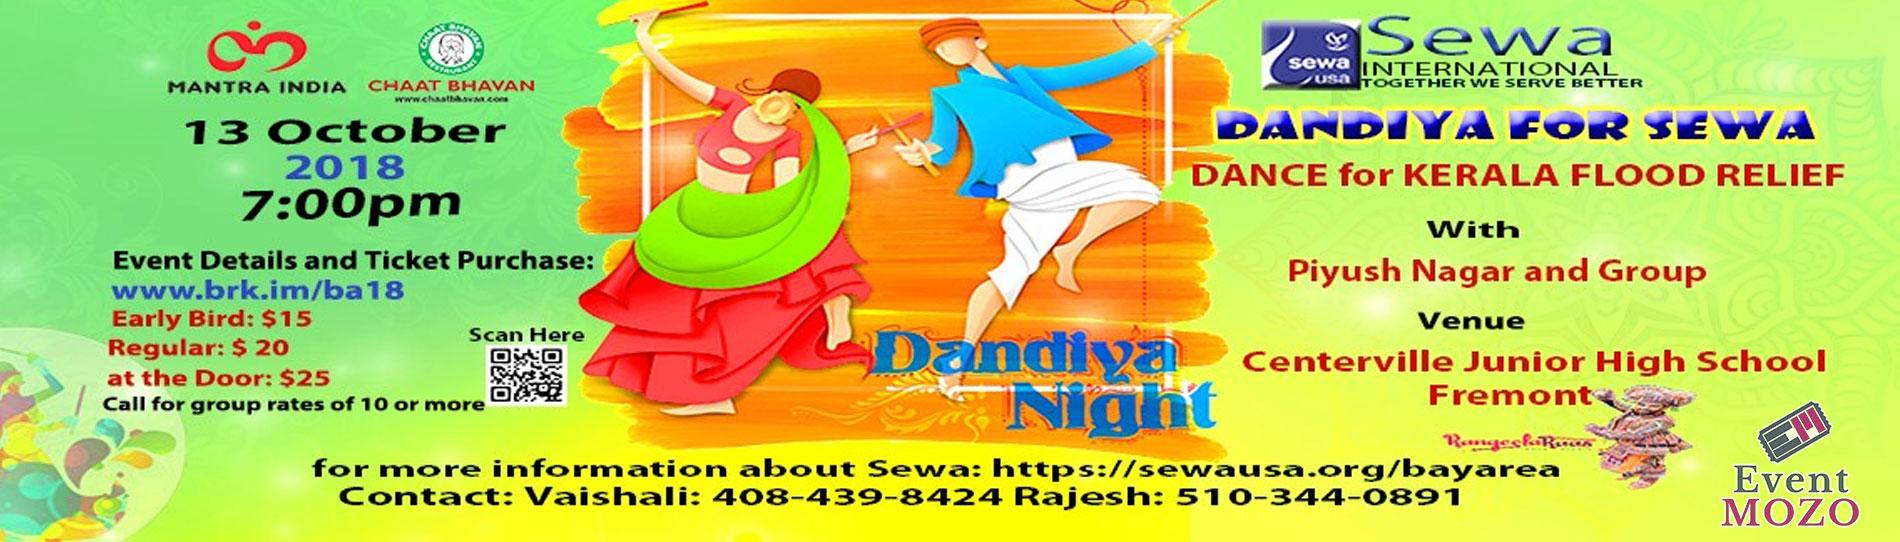 EventMozo Sewa Dandiya